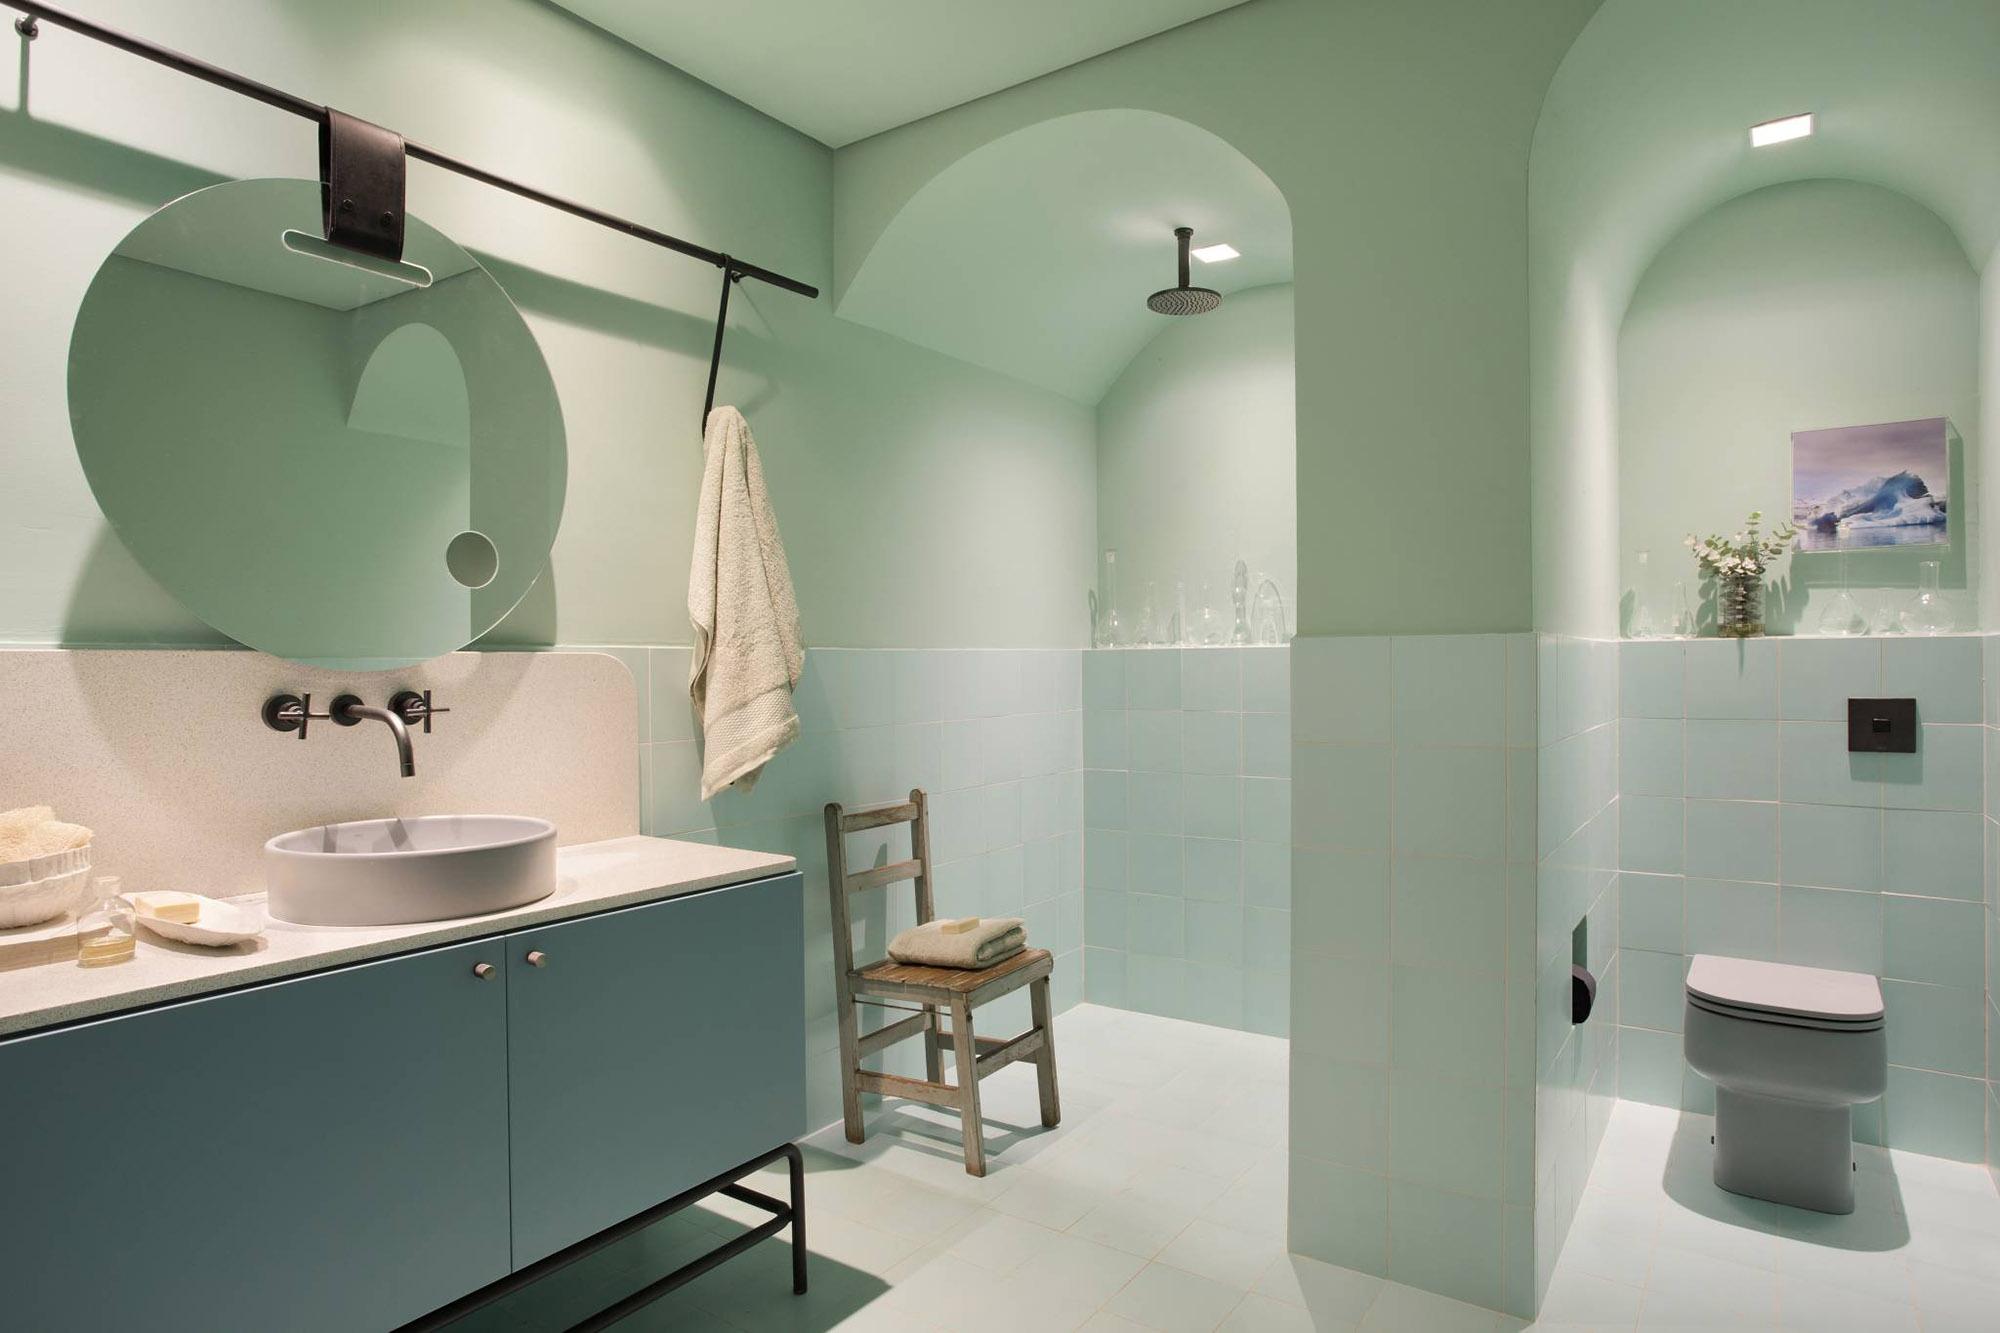 casa dos arcos banheiro colorido casacor